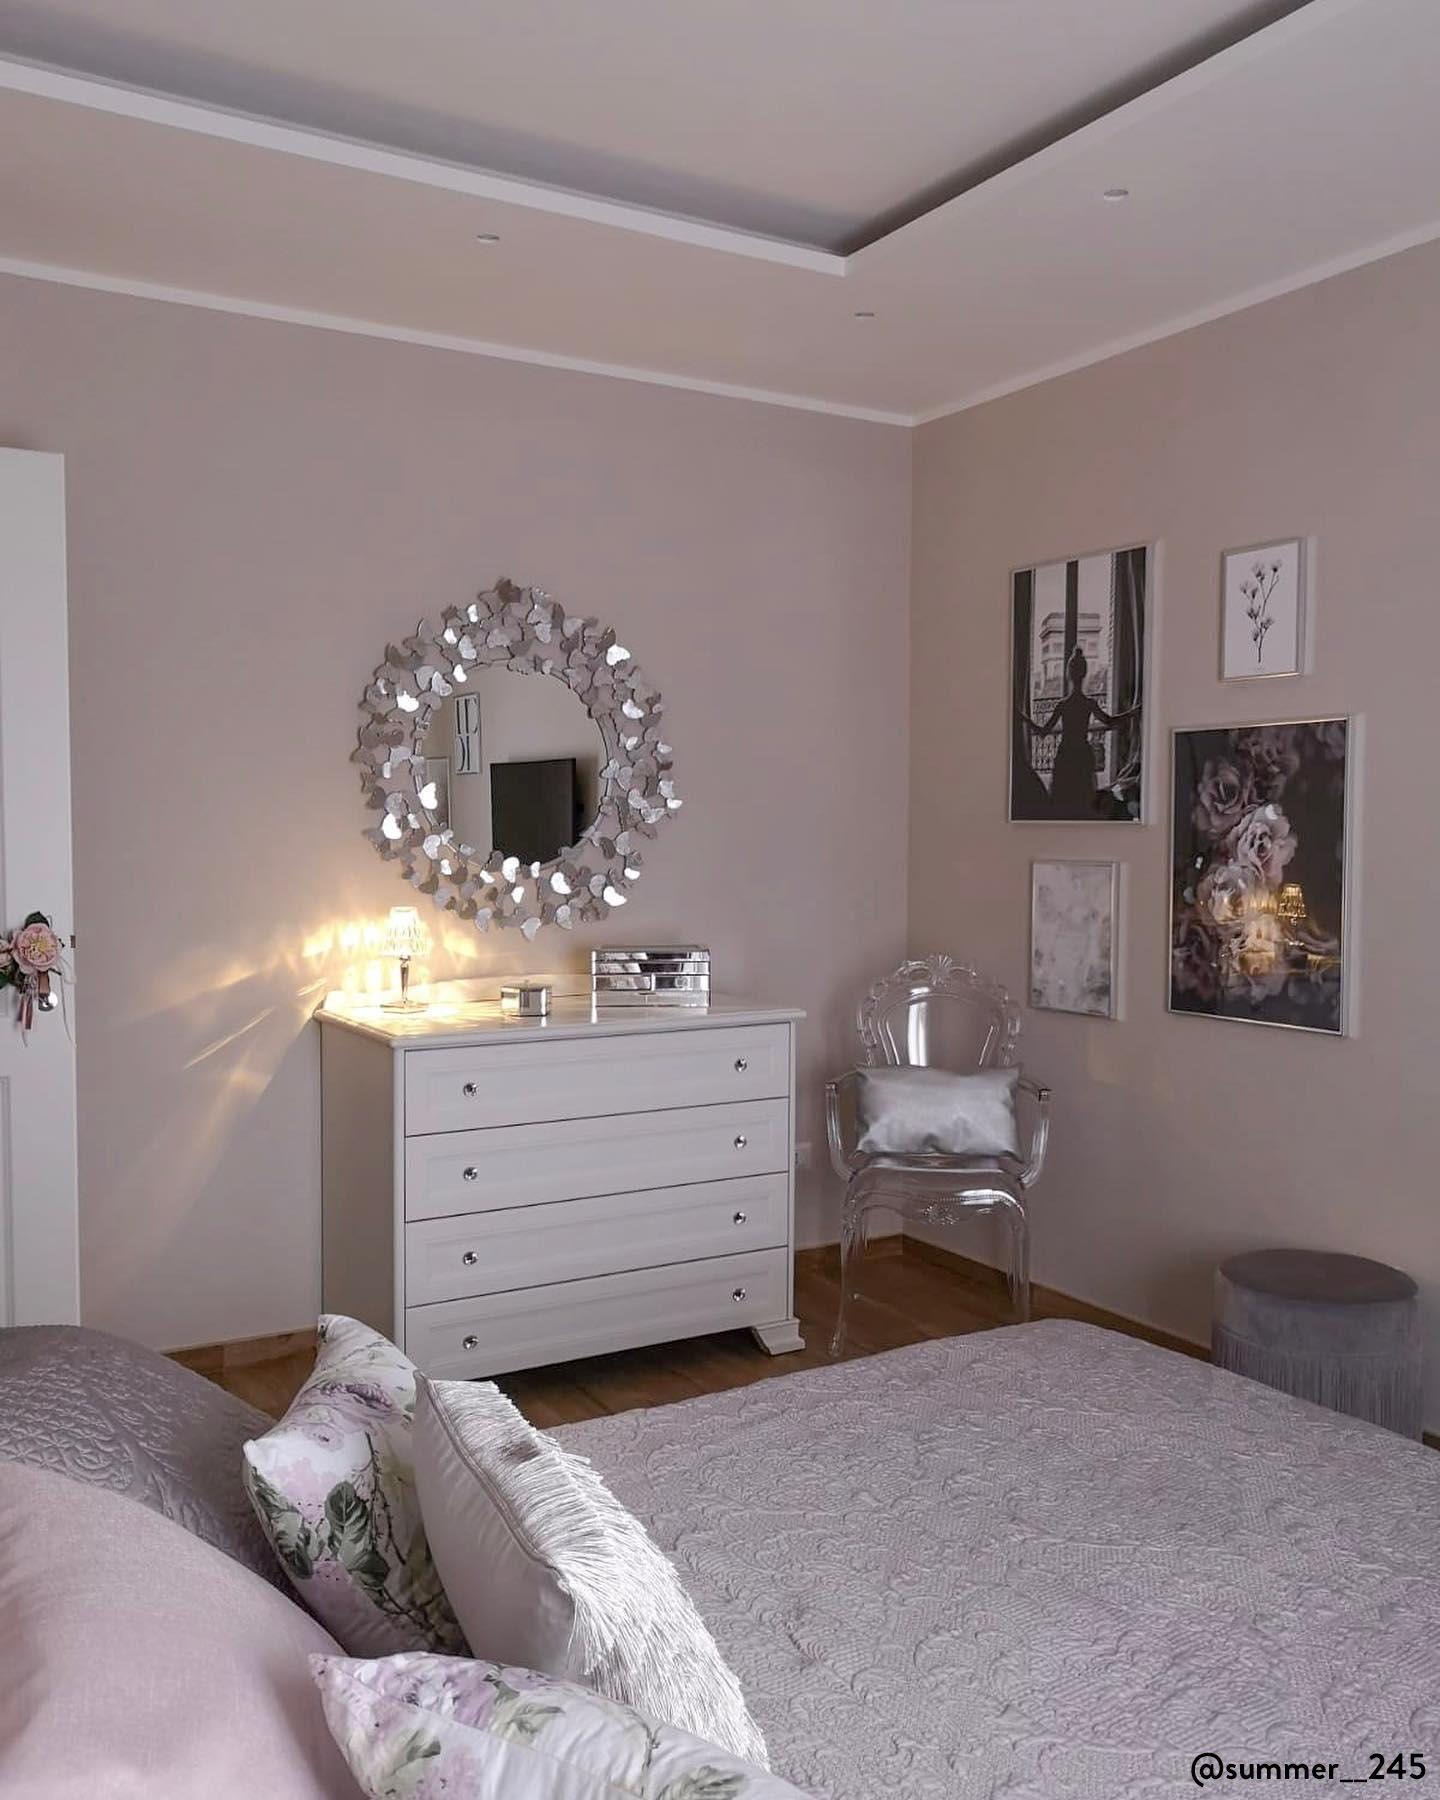 Miroir mural Butterfly  Chambre amusante, Miroir deco, Miroir mural